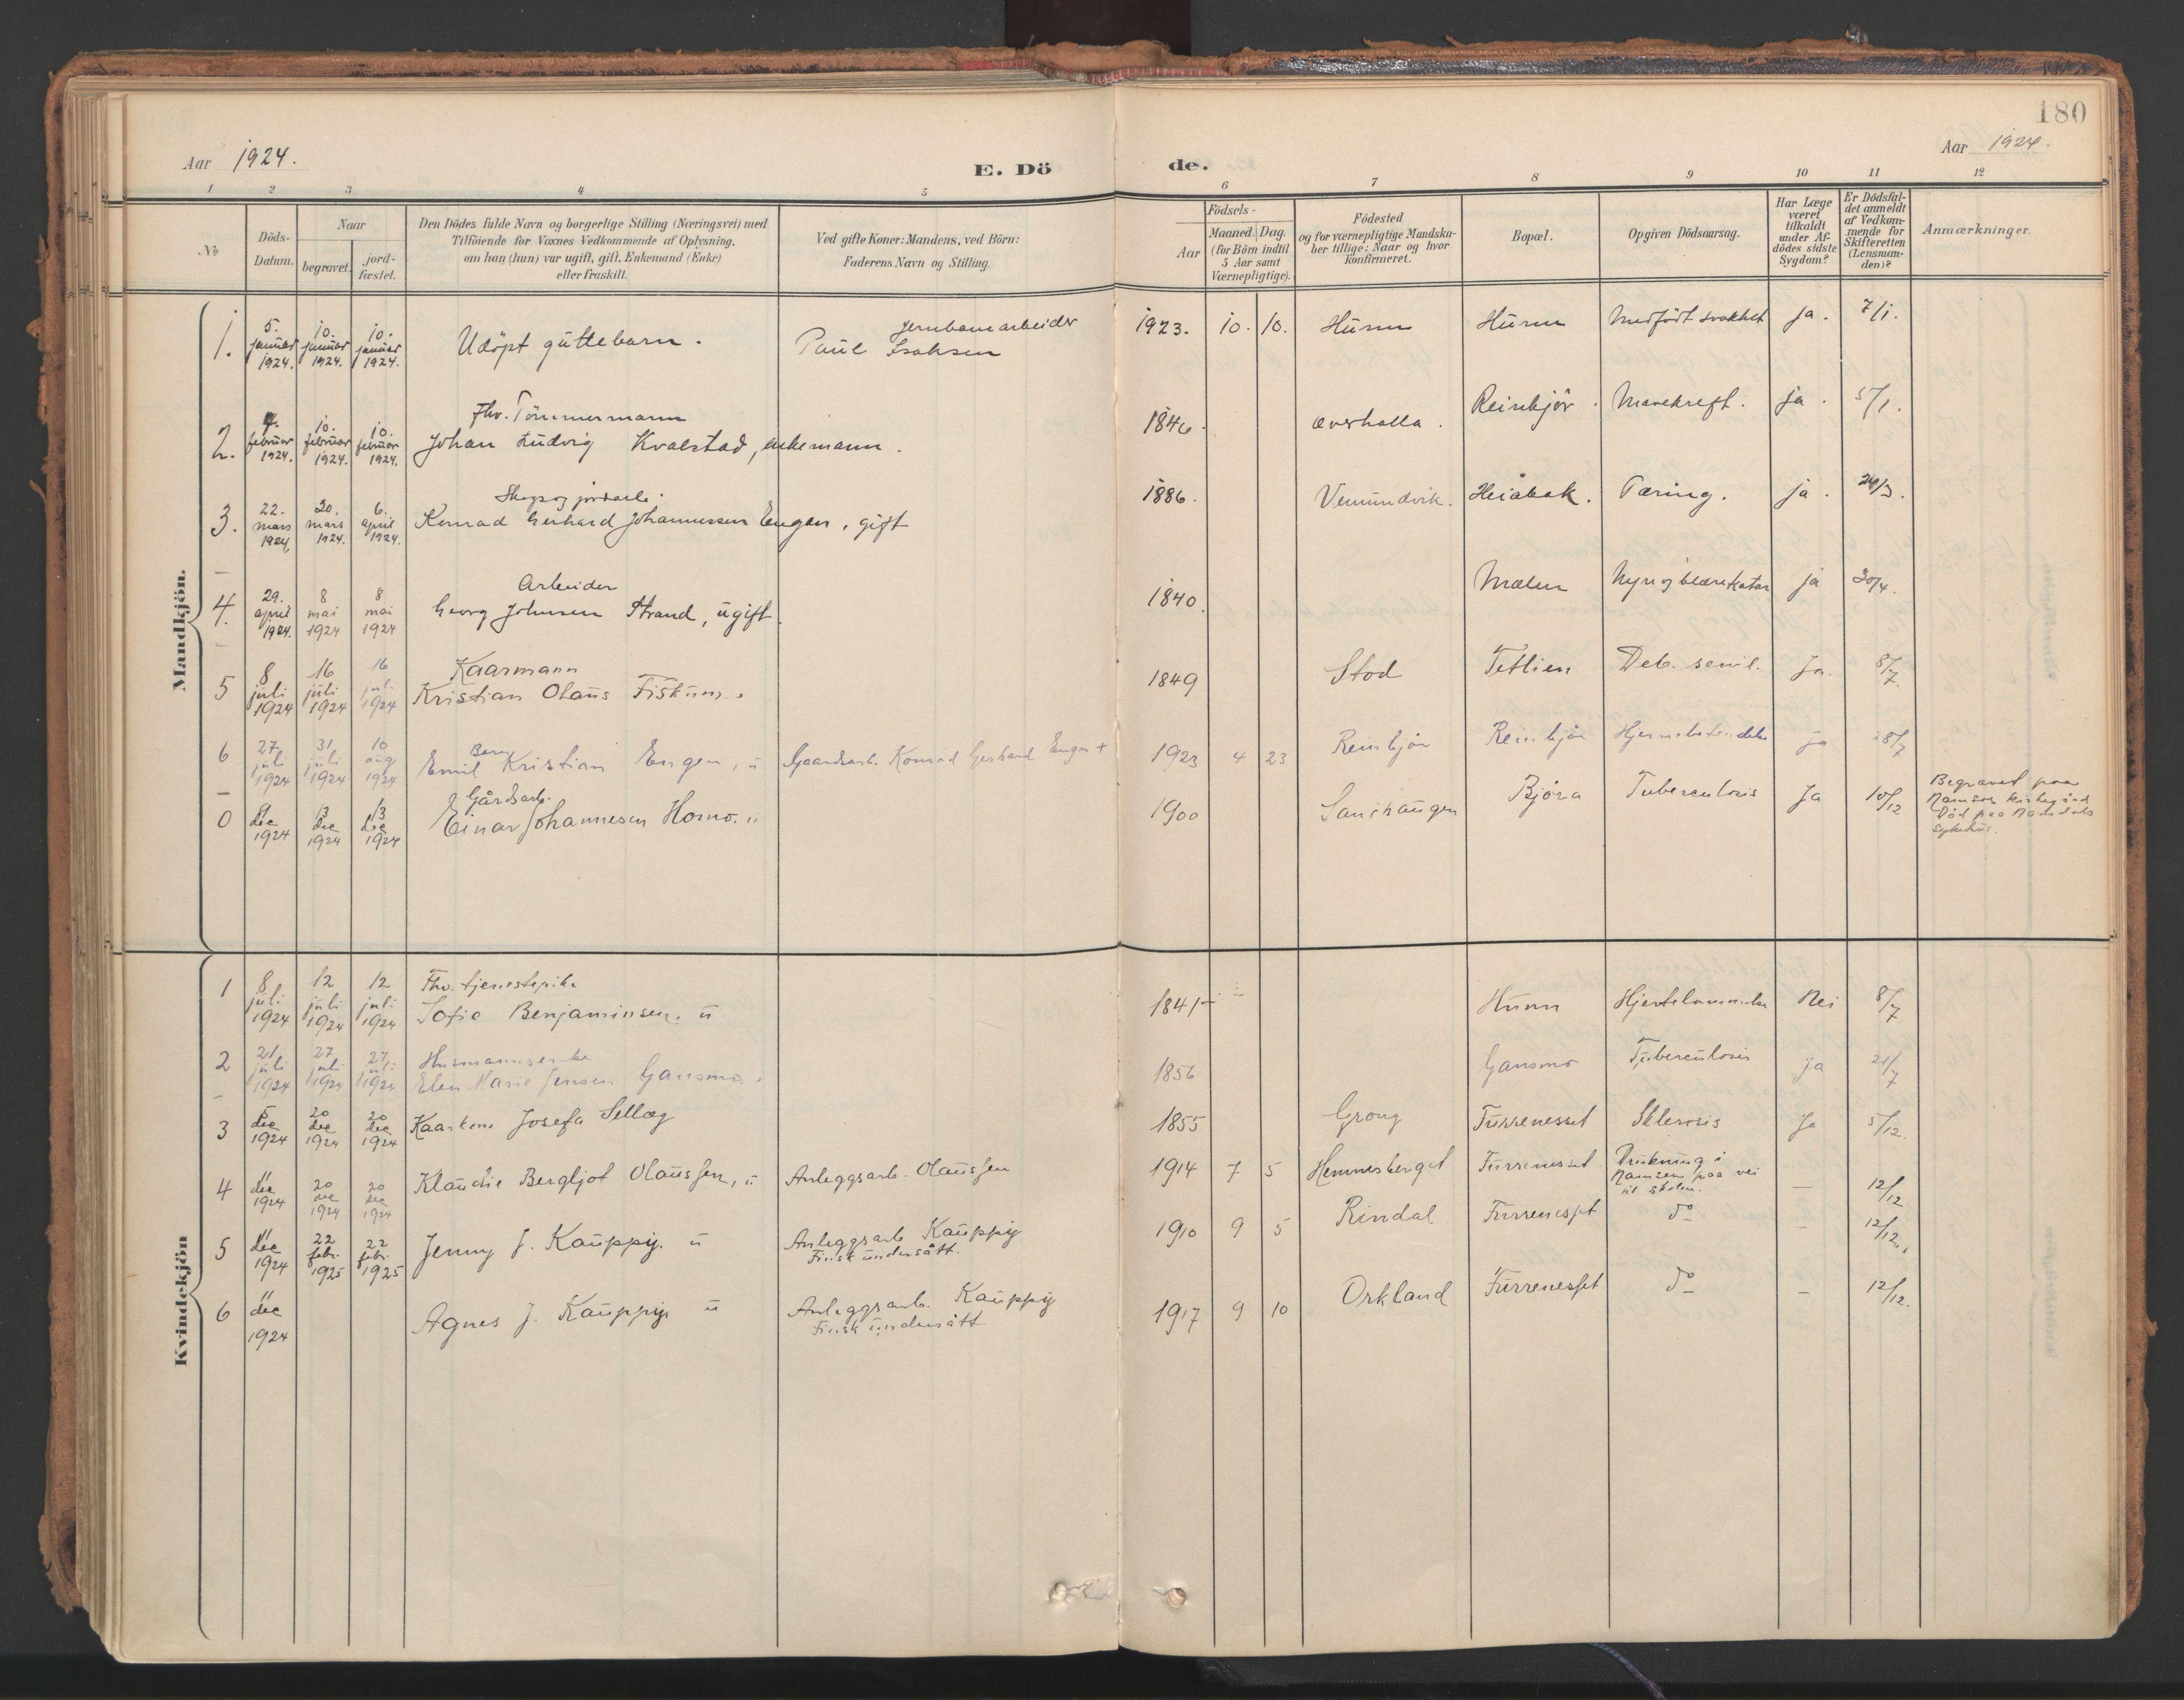 SAT, Ministerialprotokoller, klokkerbøker og fødselsregistre - Nord-Trøndelag, 766/L0564: Ministerialbok nr. 767A02, 1900-1932, s. 180